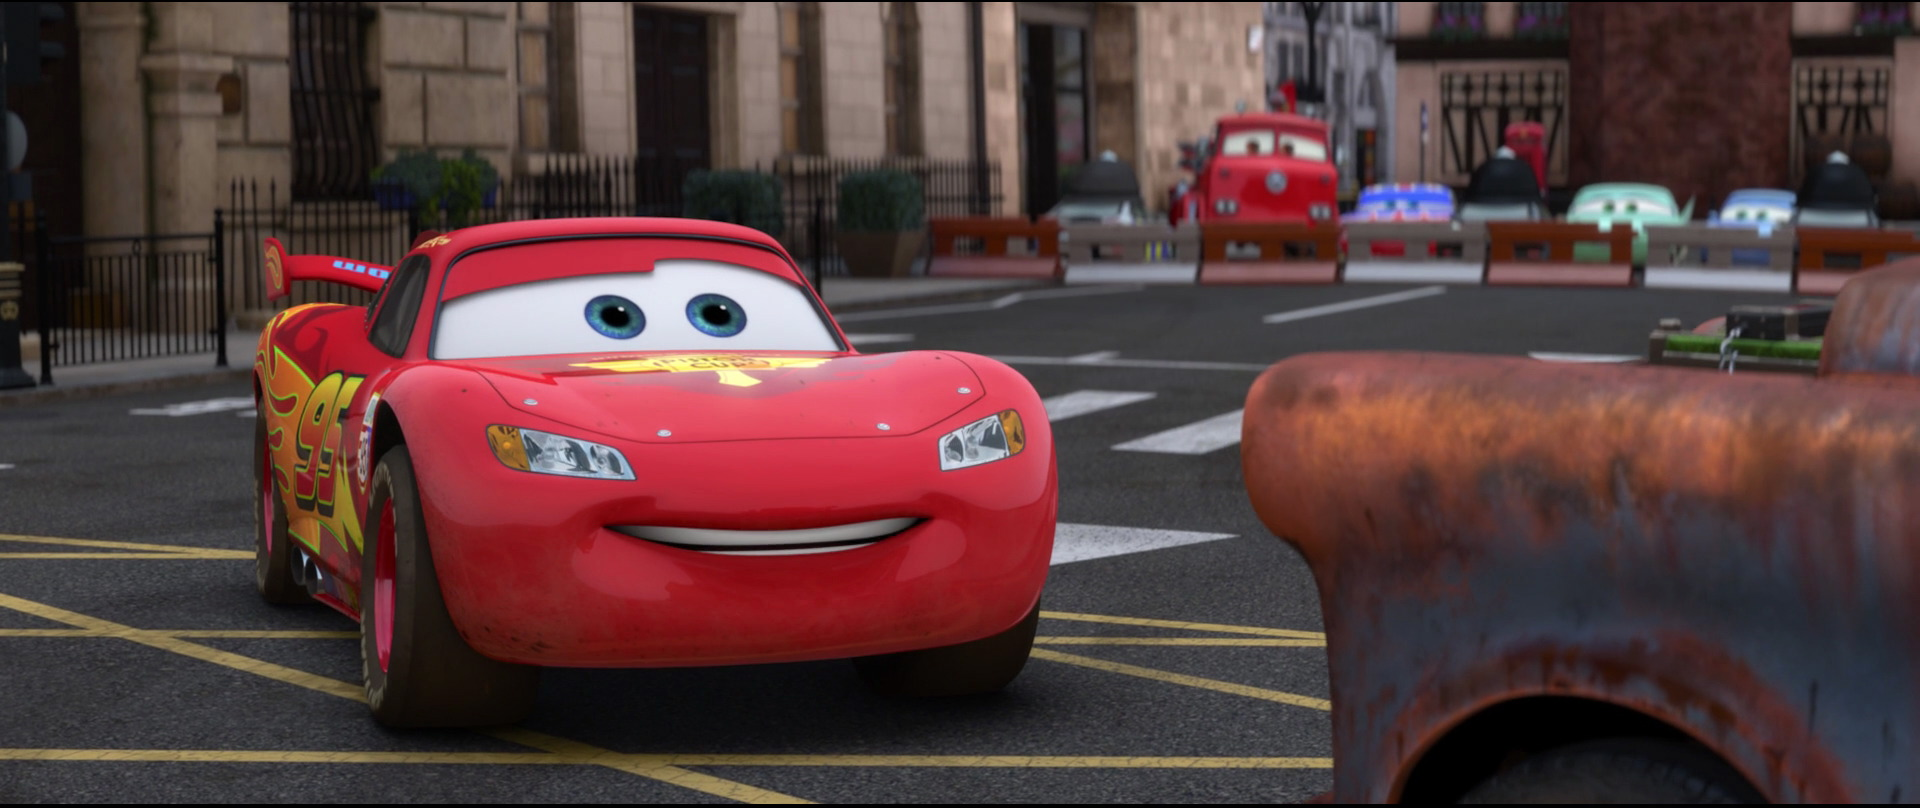 Cars2 Disneyscreencaps.com 10425